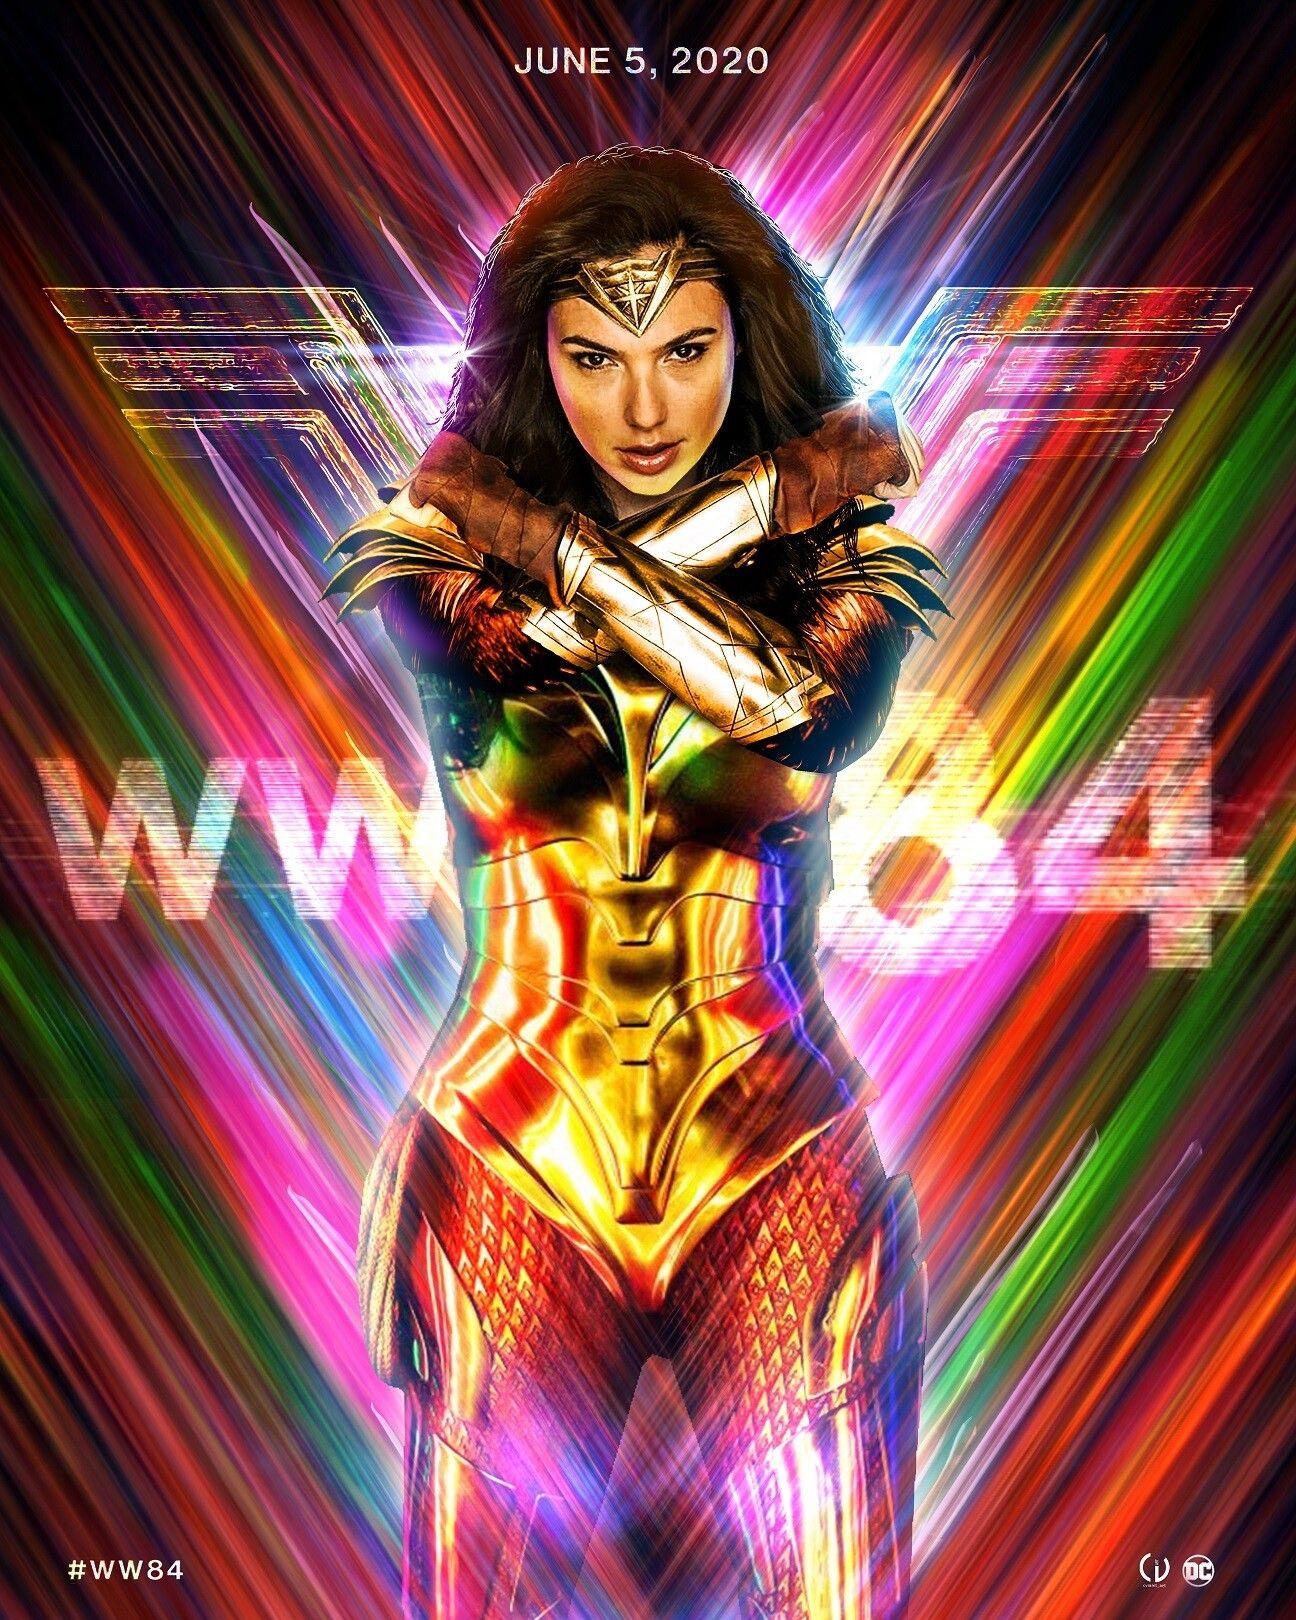 123movies Wonder Woman 1984 Free Movies In 2020 Wonder Woman Artwork Wonder